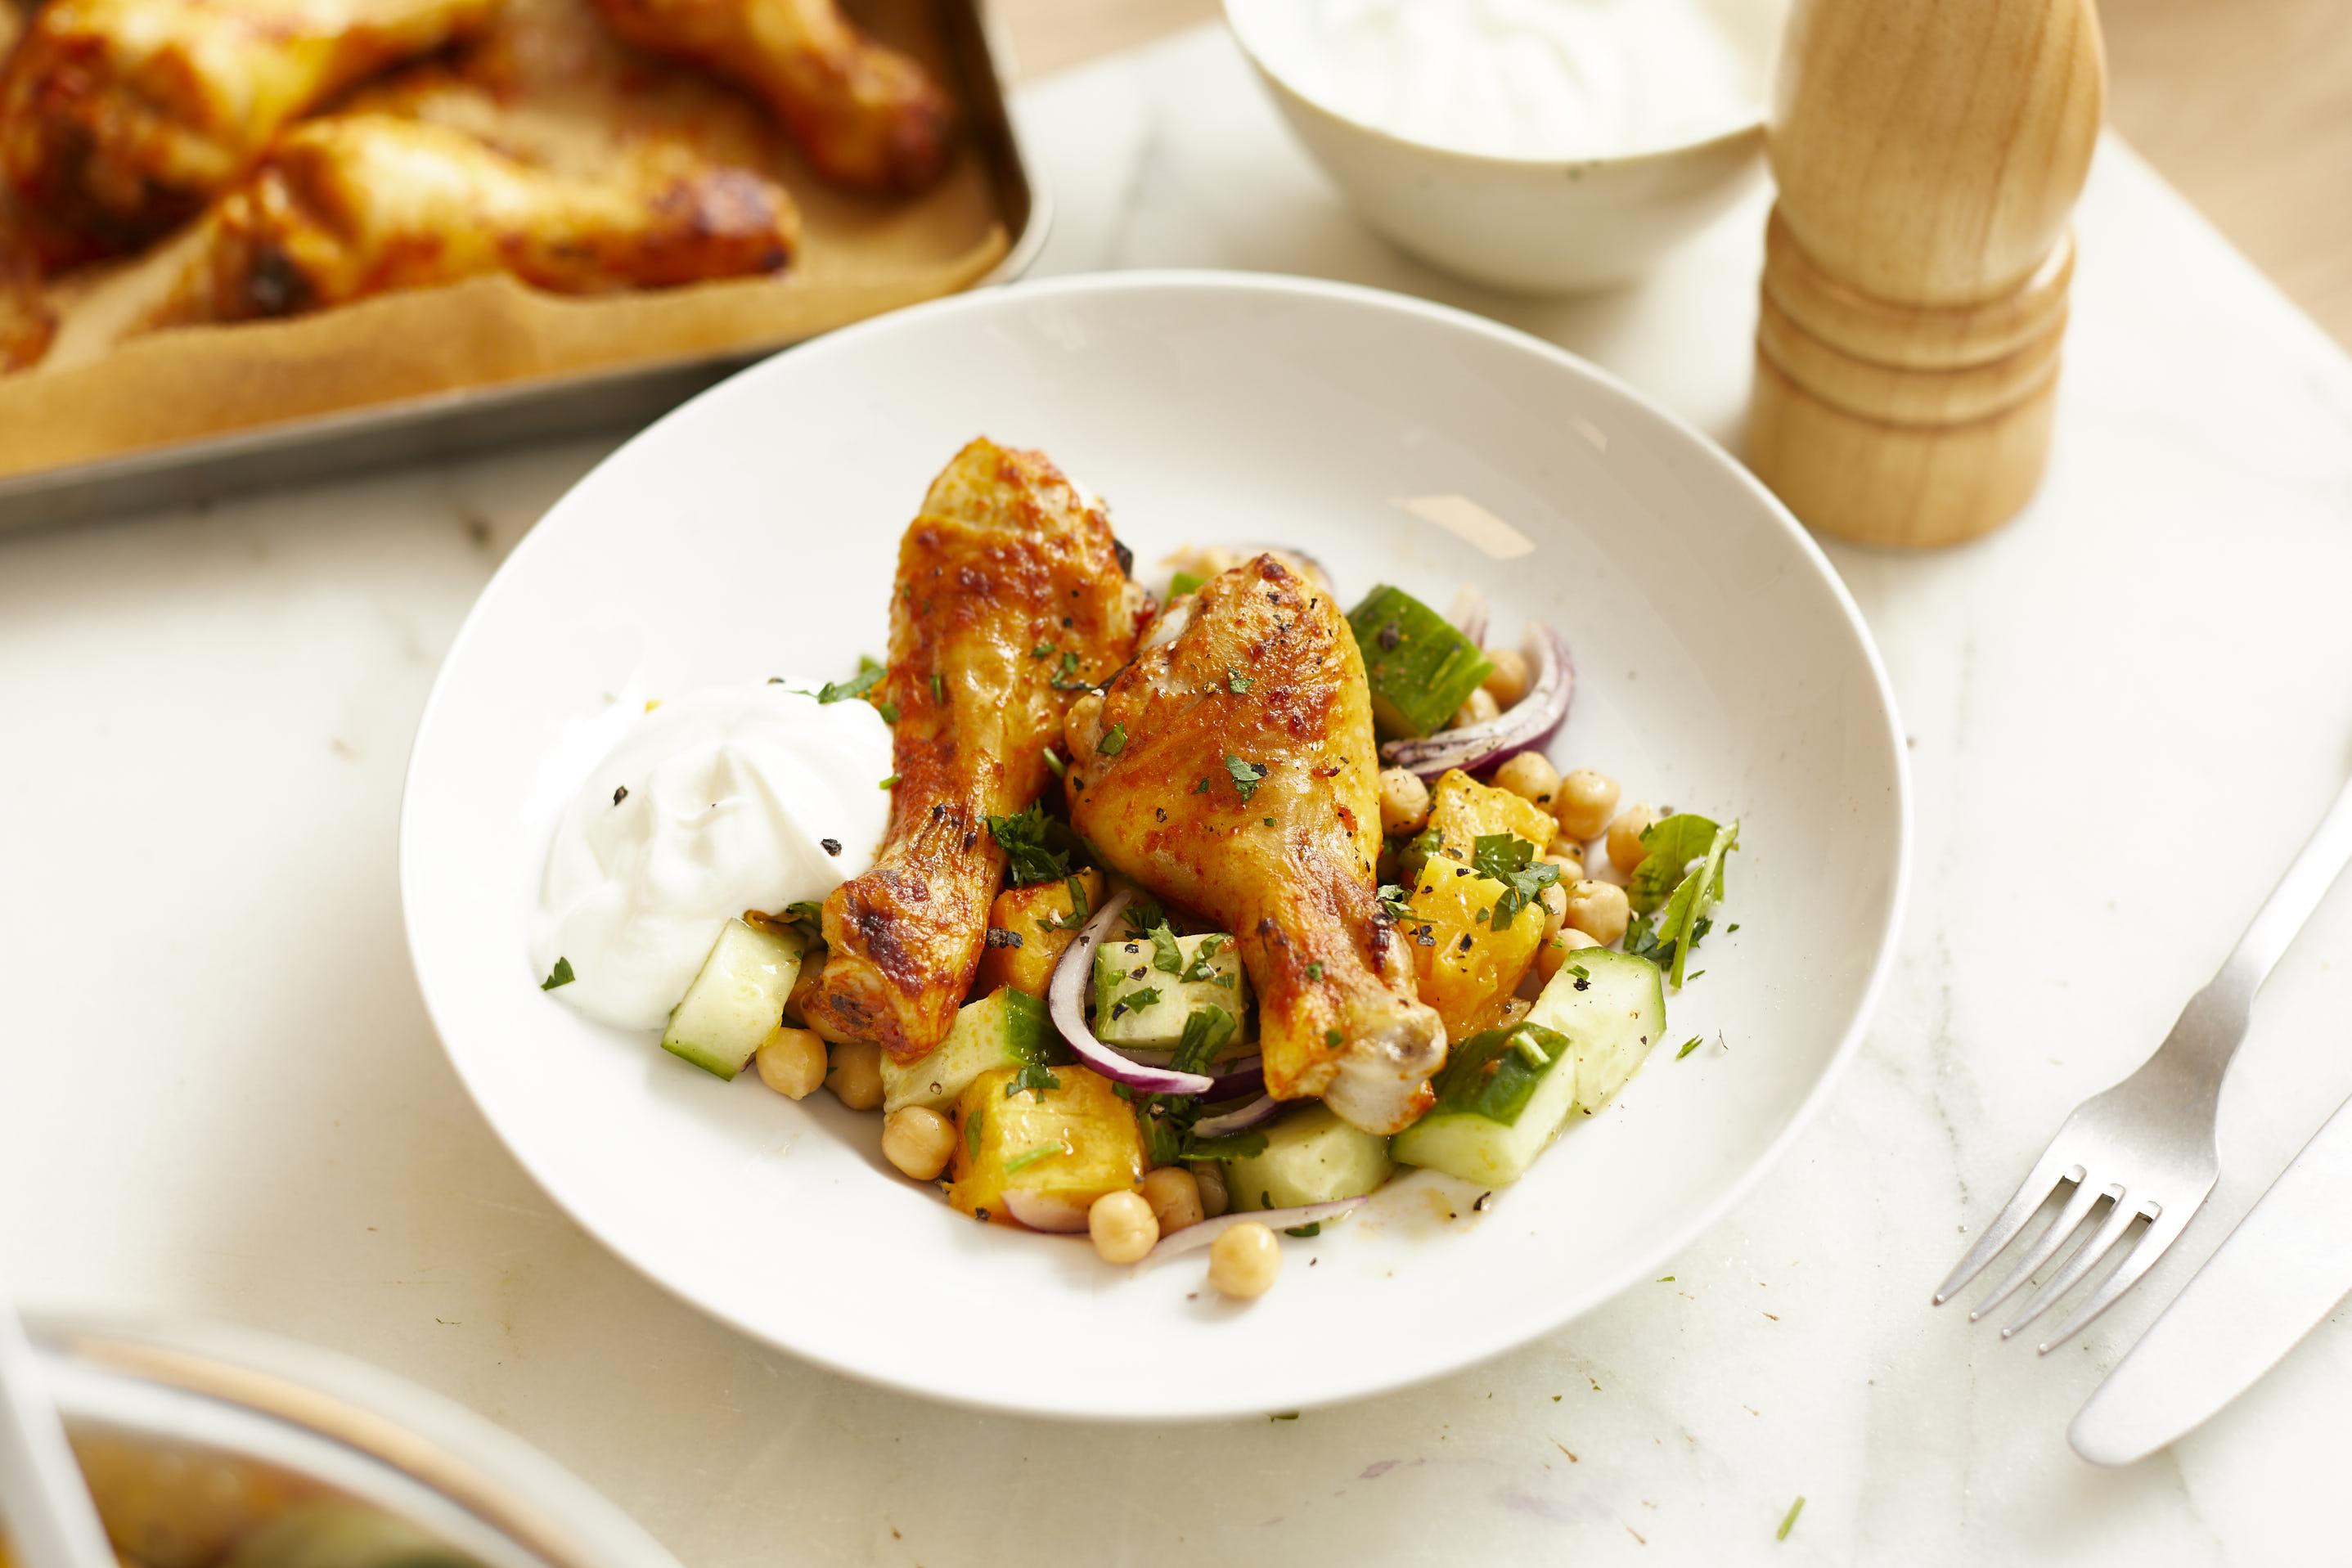 Alles von einem Blech: Harissa Hähnchen mit lauwarmen Kürbis-Kichererbsen-Salat